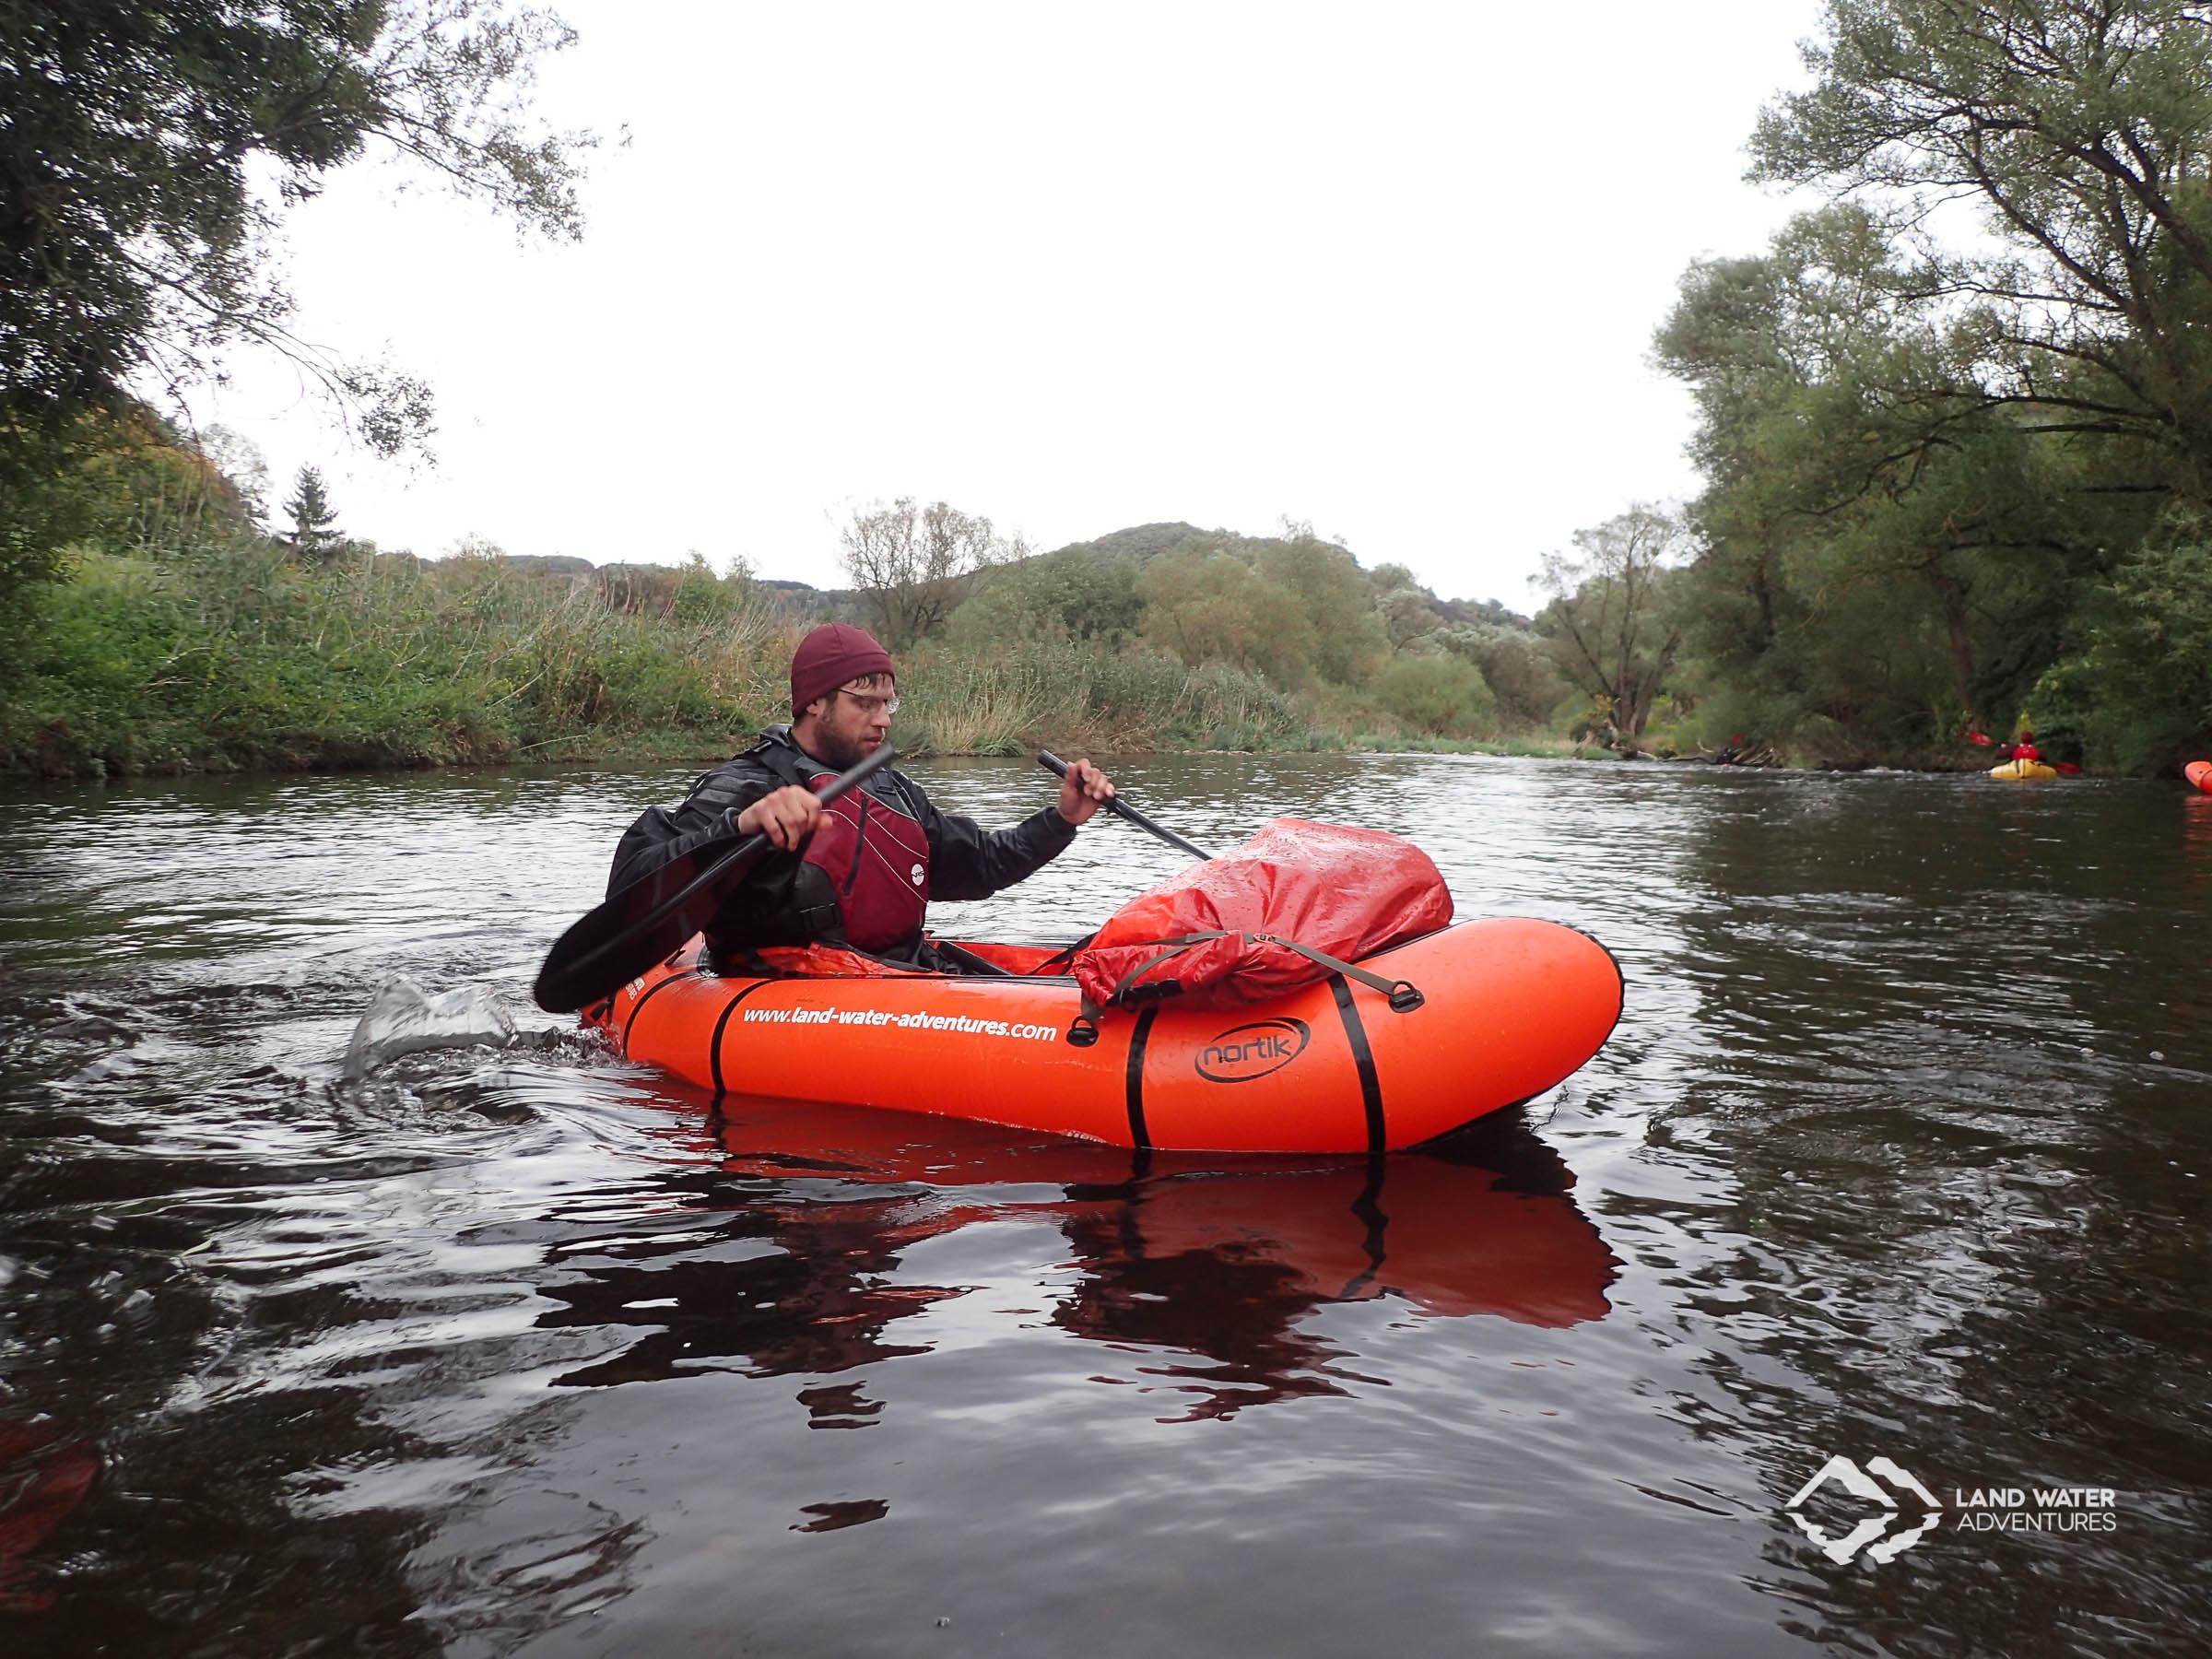 Gebrochenes Paddel beim Packrafting Saisonabschluss Nahe © Land Water Adventures